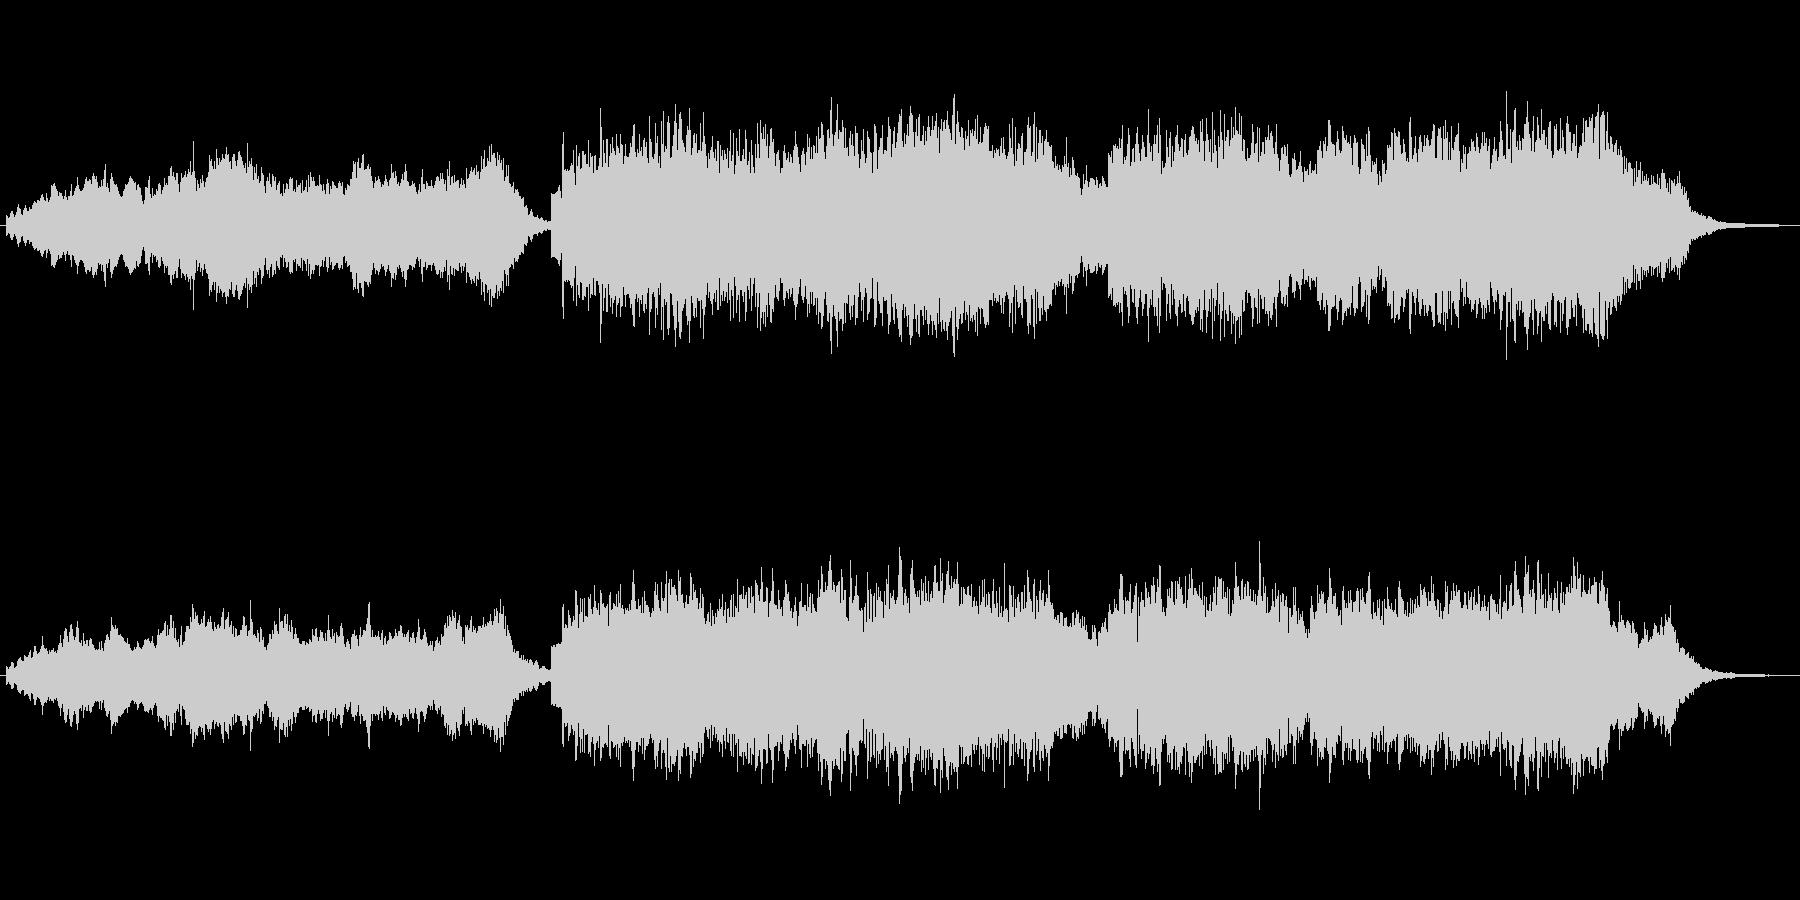 キラキラシンセと笛のほのぼのしたジングルの未再生の波形